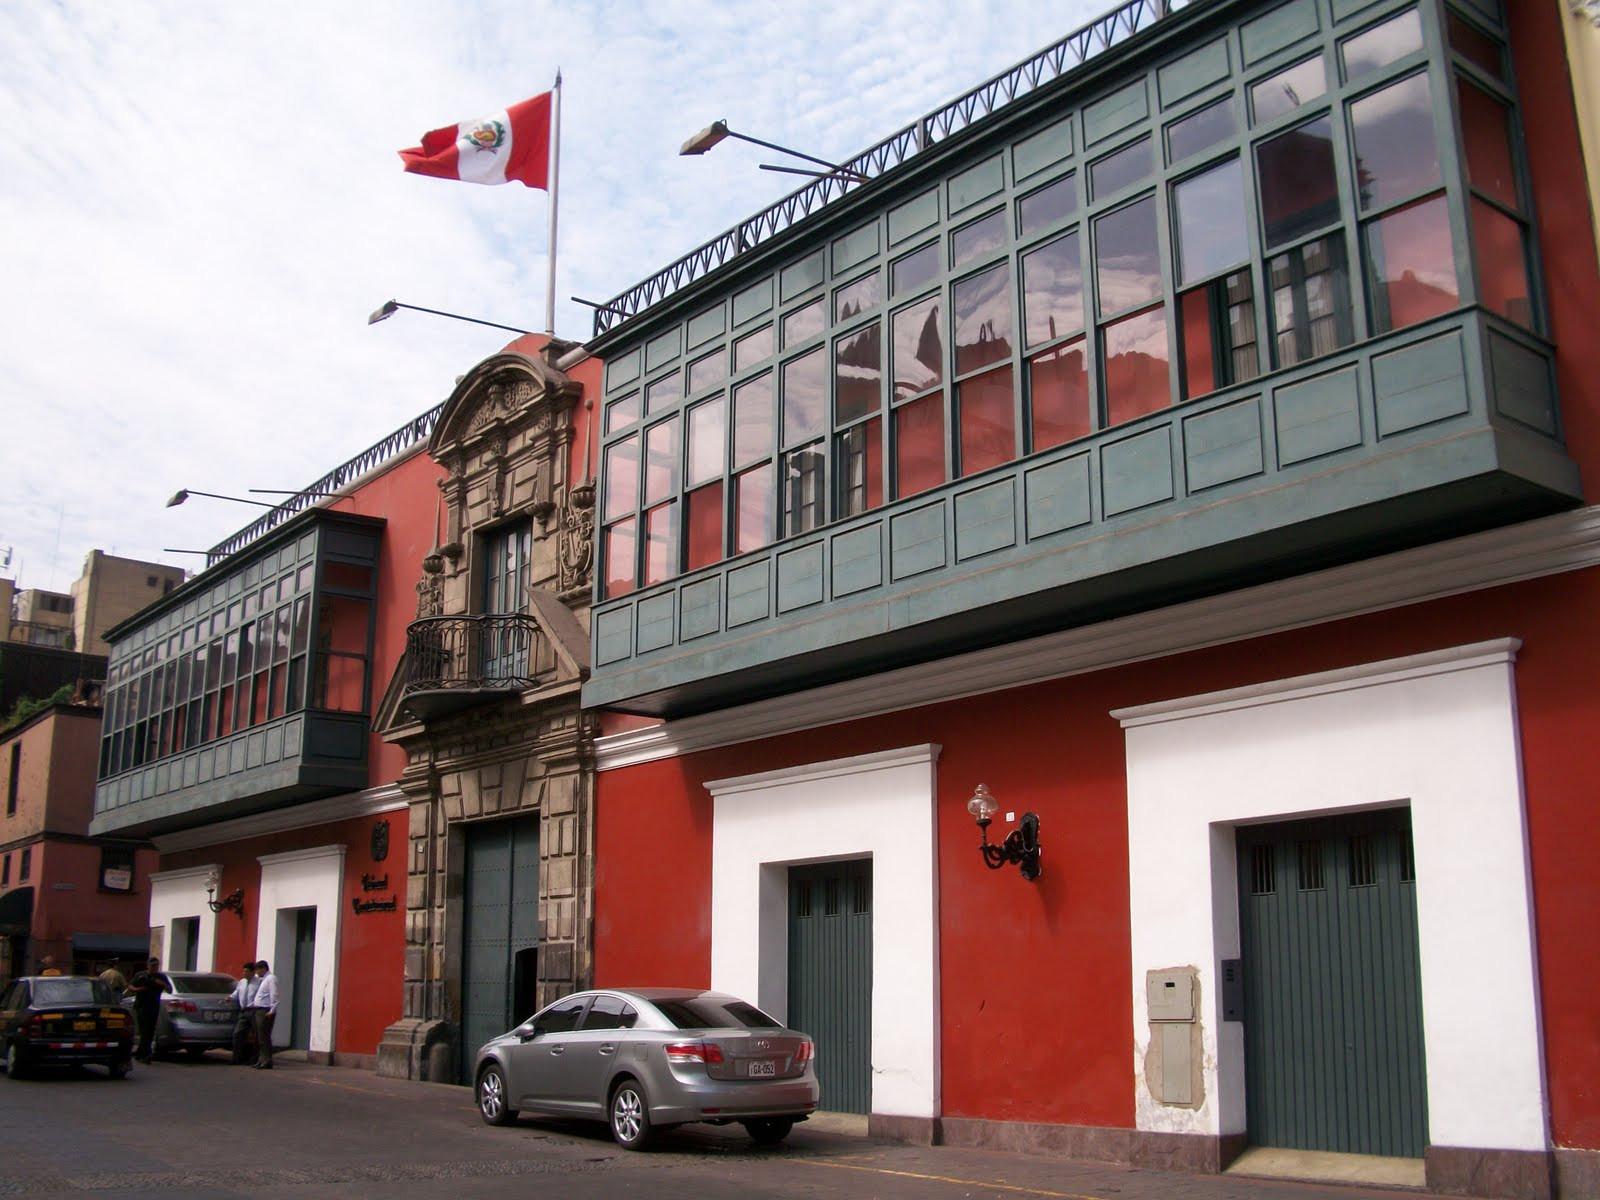 Casa de pilatos: Declarado Patrimonio Cultural de la Nación el 23 de enero de 1973. Foto: abrecht-group.com